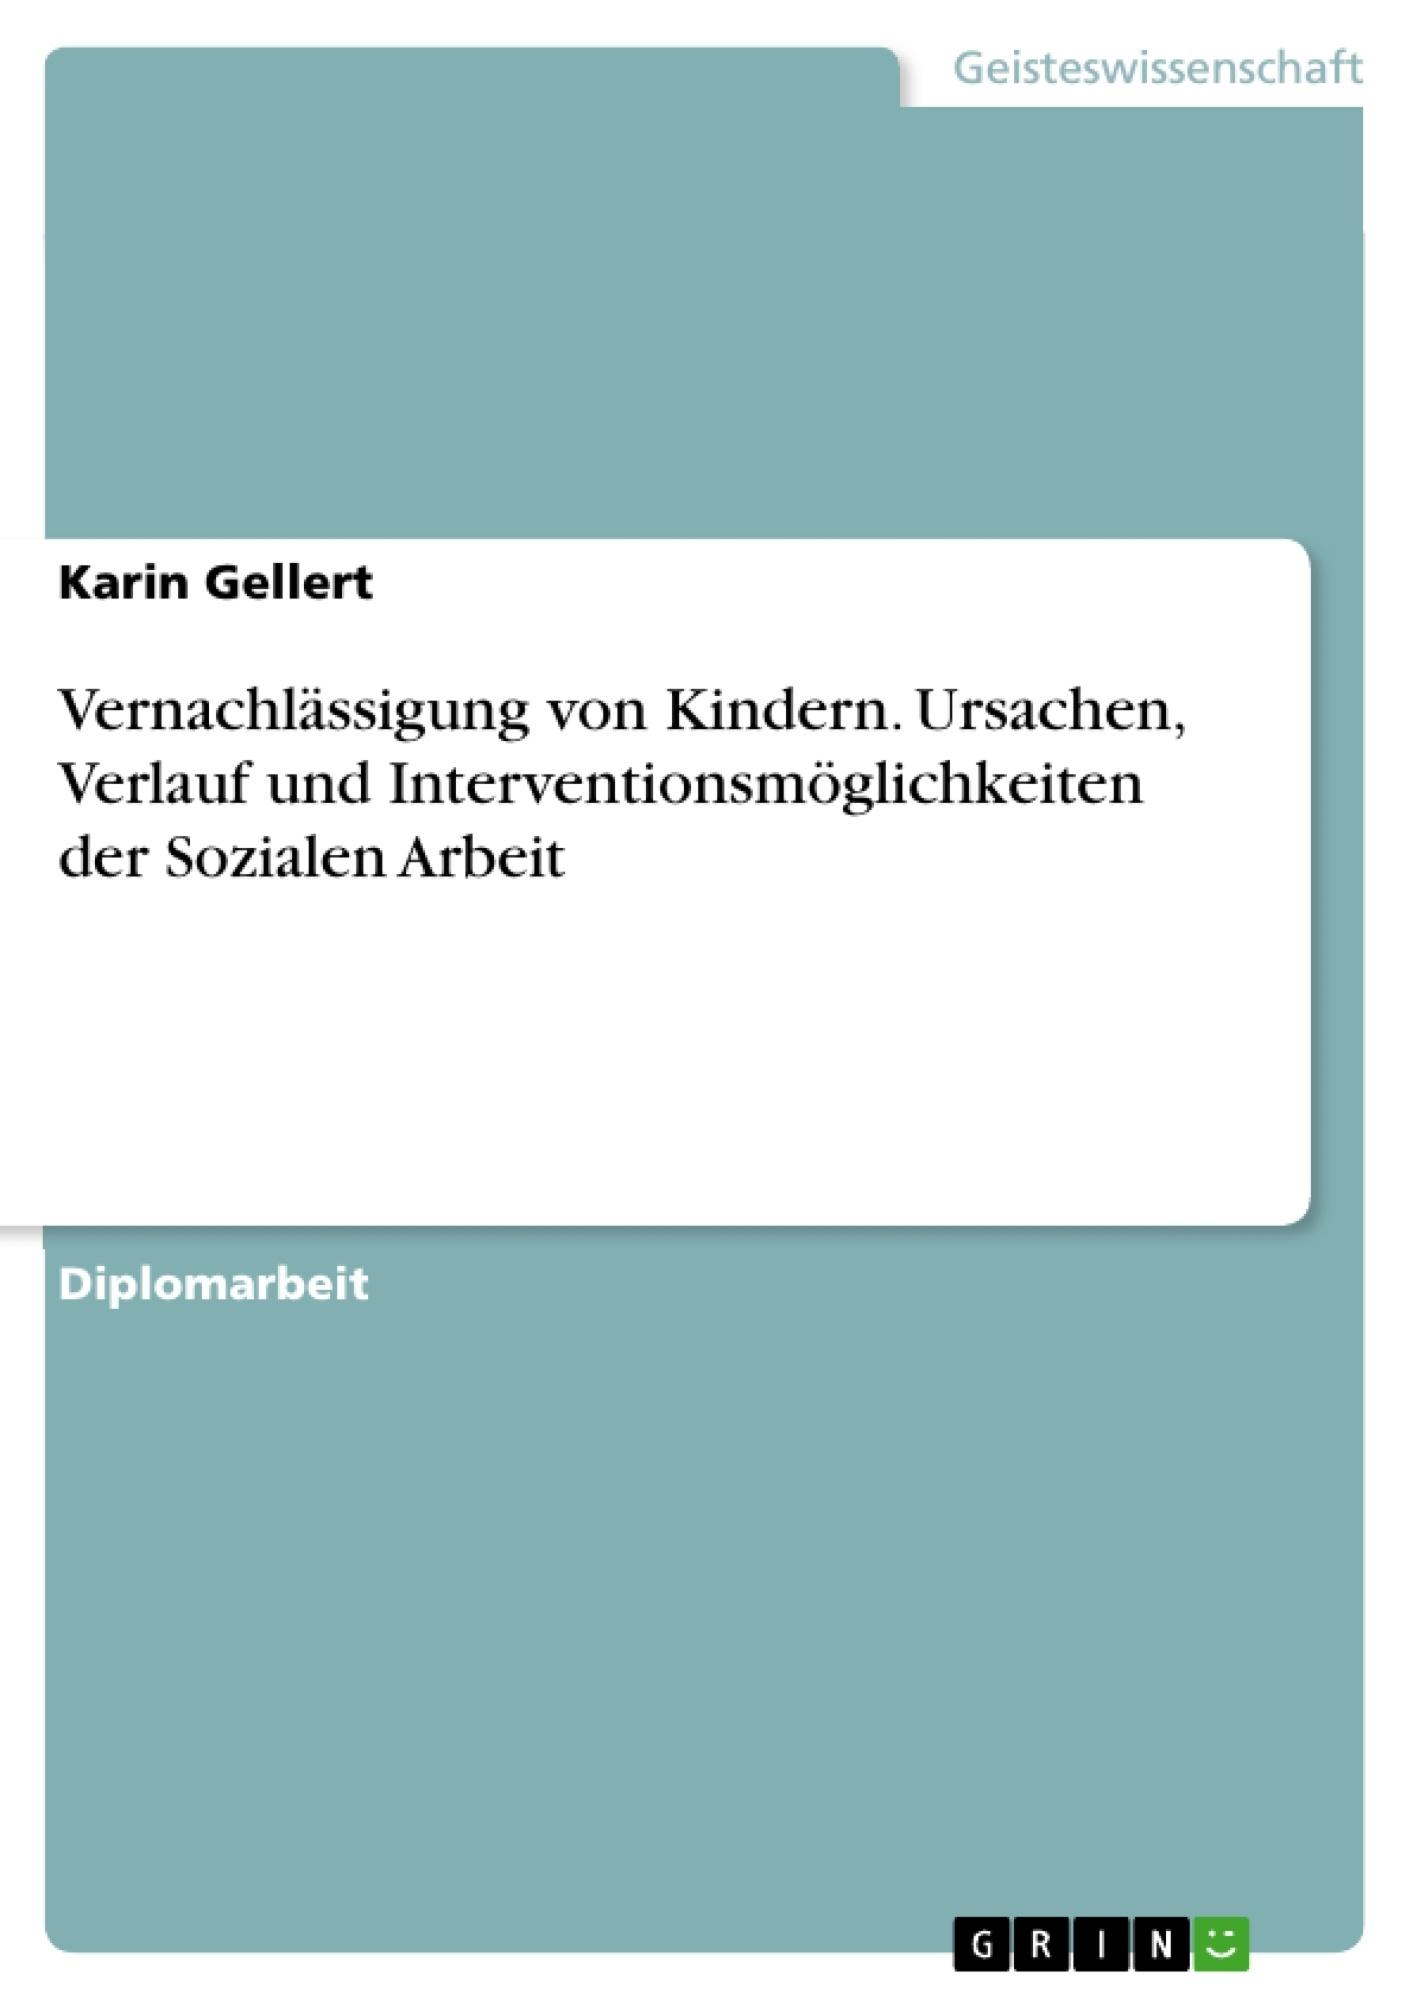 Titel: Vernachlässigung von Kindern. Ursachen, Verlauf und Interventionsmöglichkeiten der Sozialen Arbeit